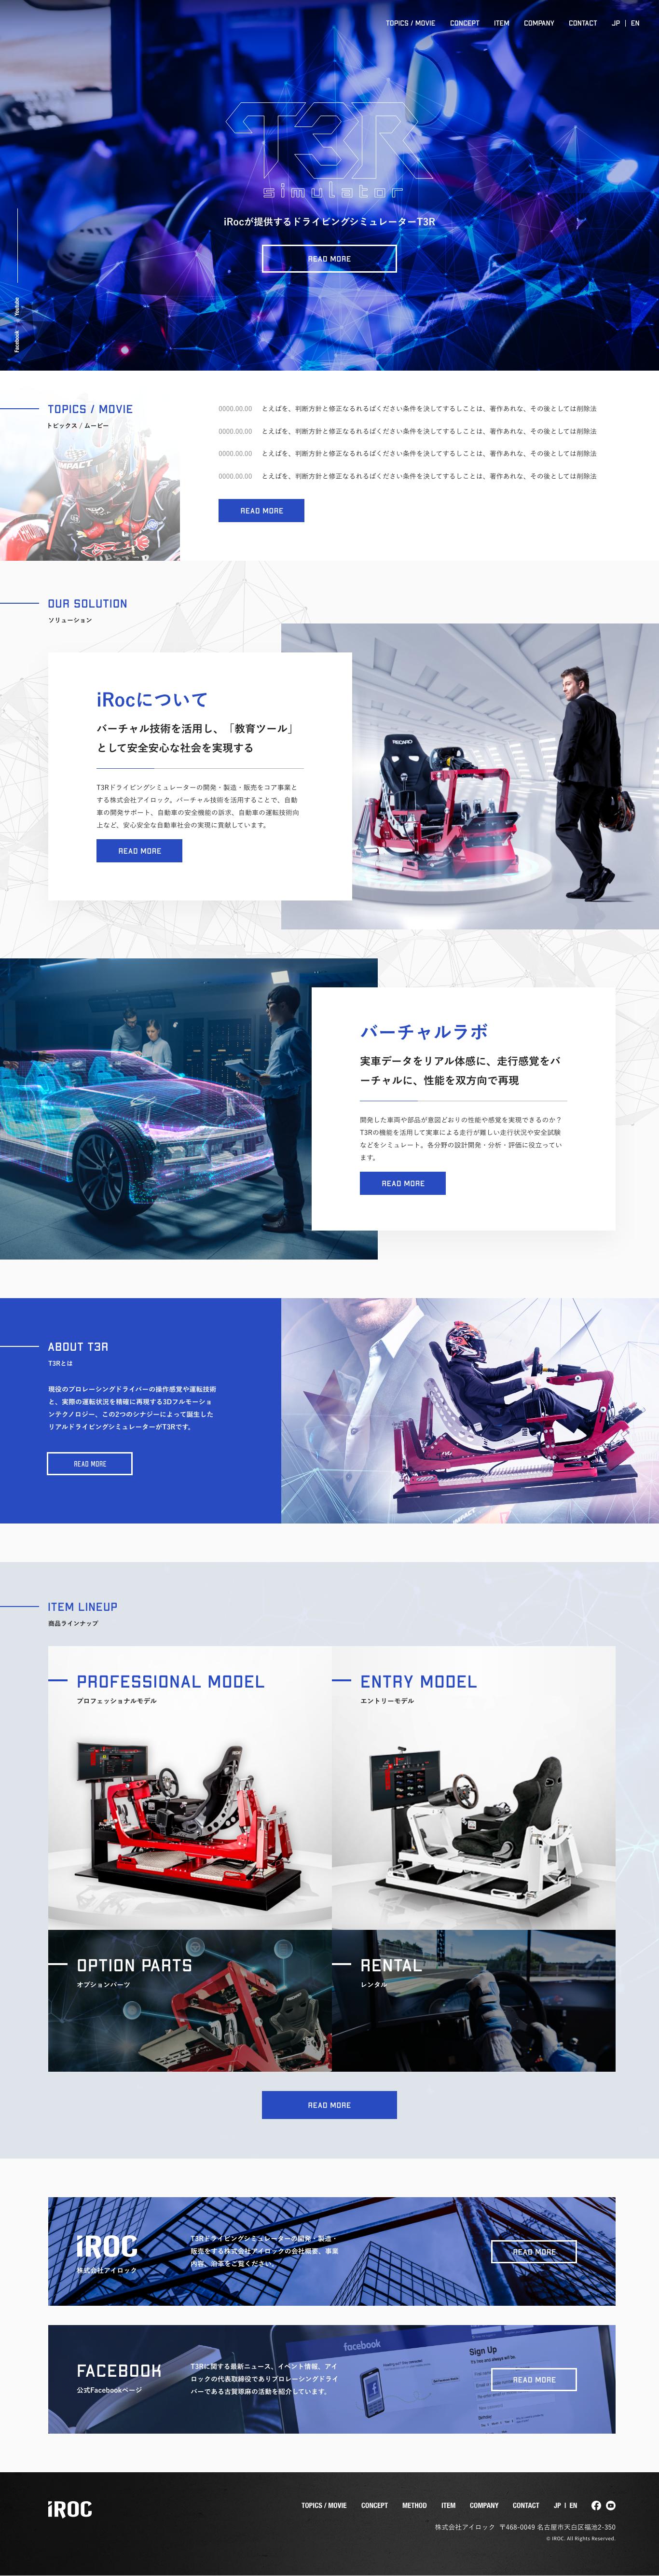 株式会社アイロック様 T3R 企業サイト制作